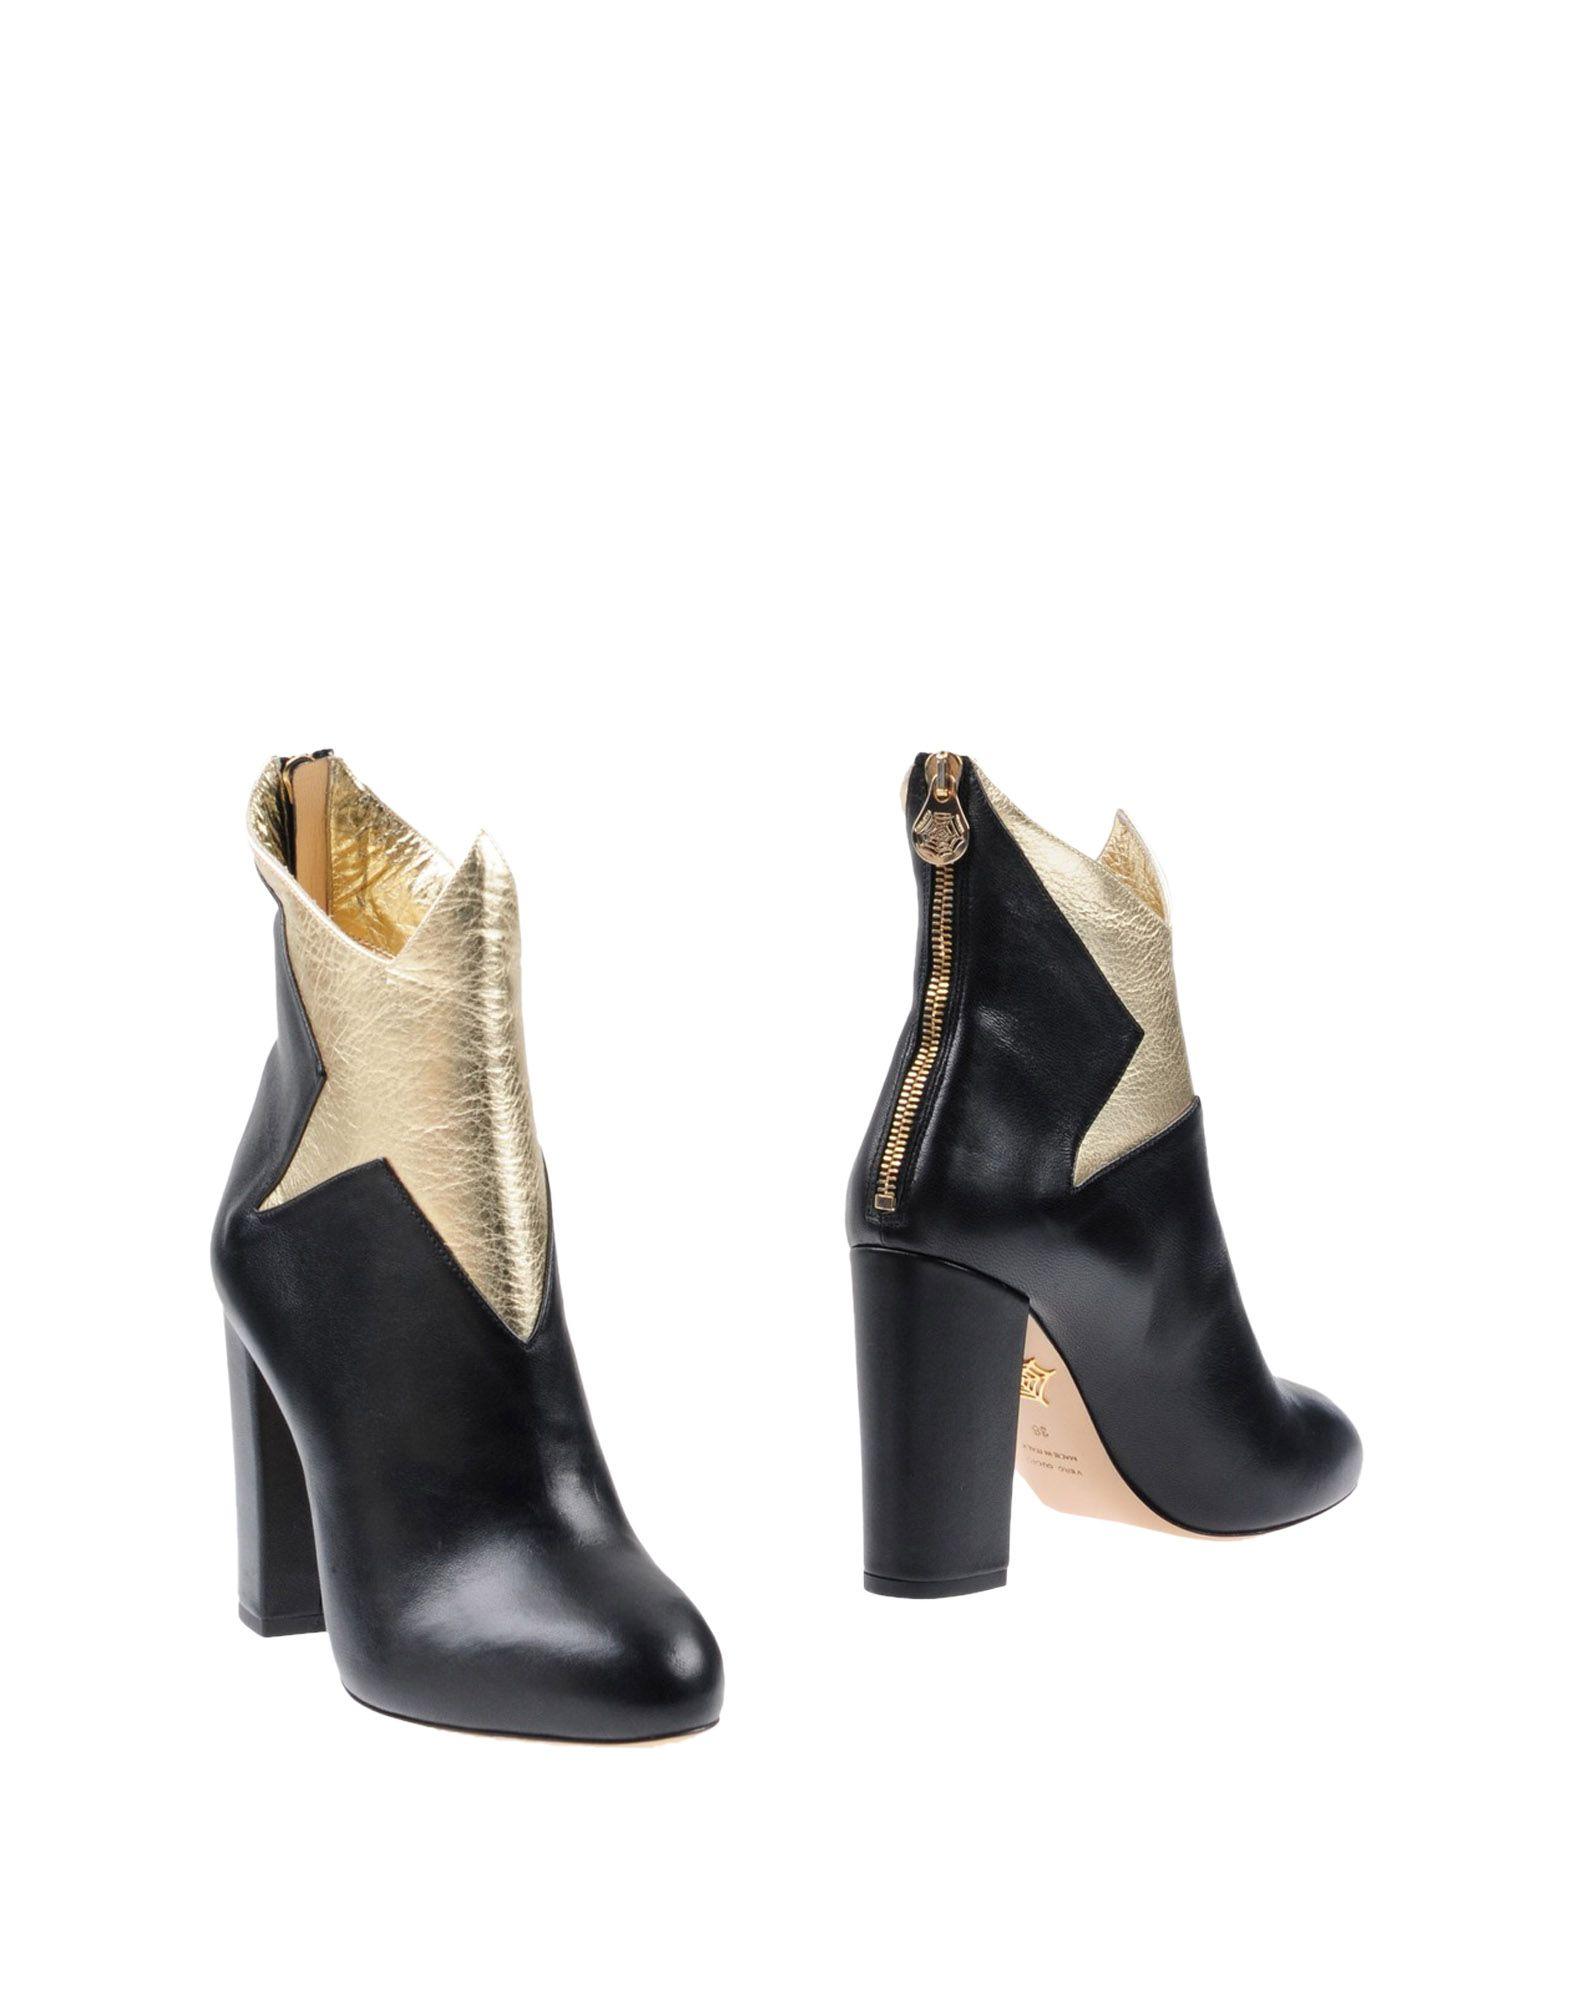 Charlotte Olympia Stiefelette Damen  11434204CGGünstige gut aussehende Schuhe